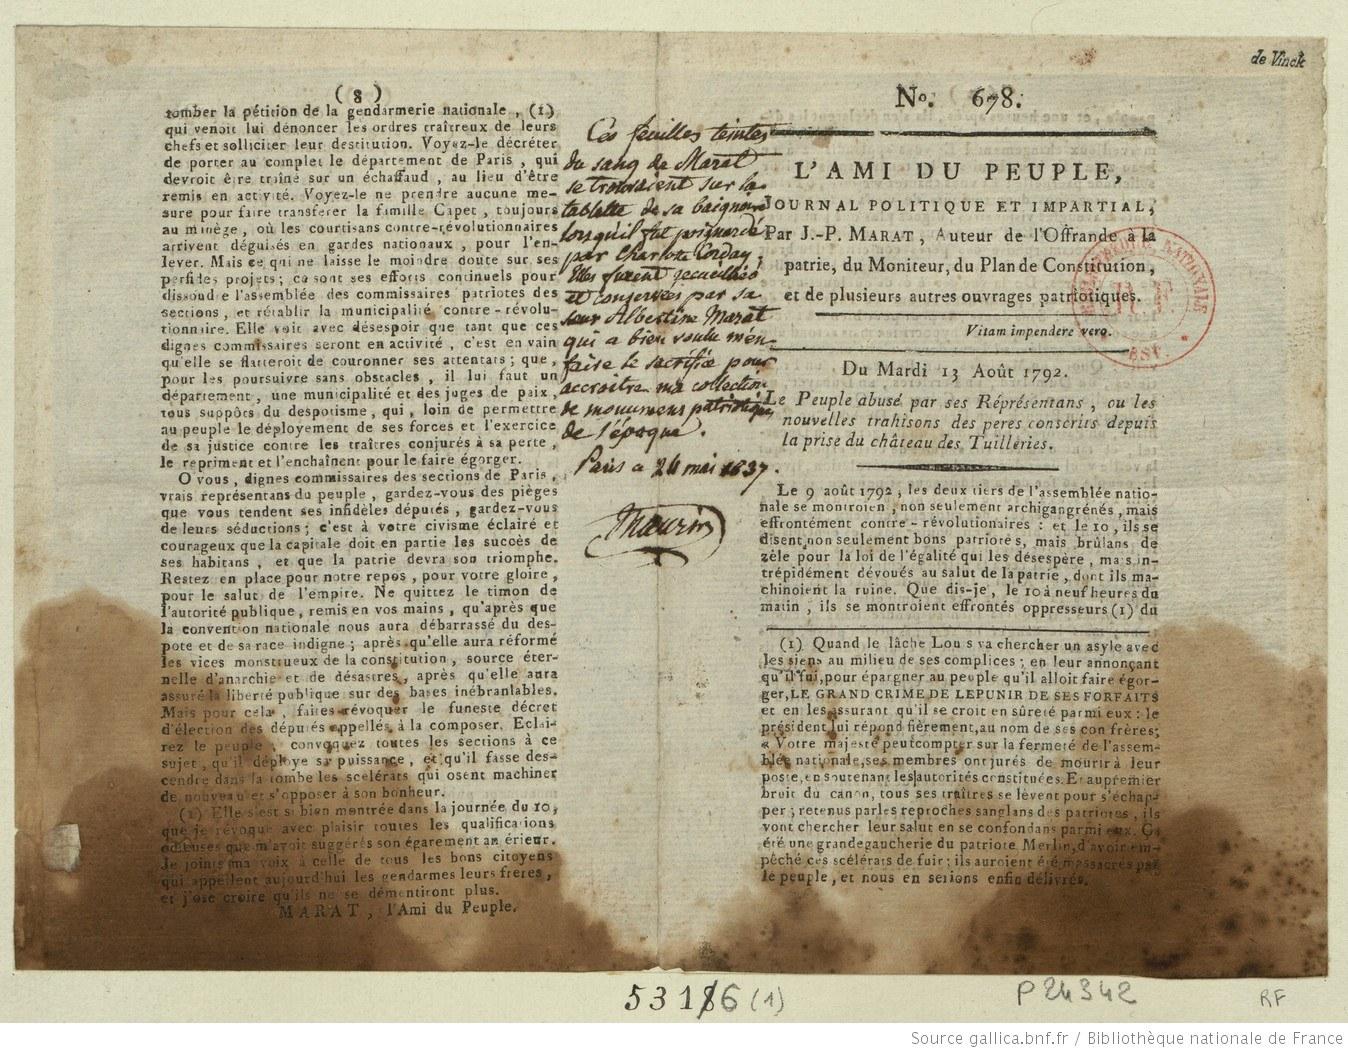 Exemplaire de L'Ami du peuple taché du sang de Marat. gallica.bnf.fr/BnF